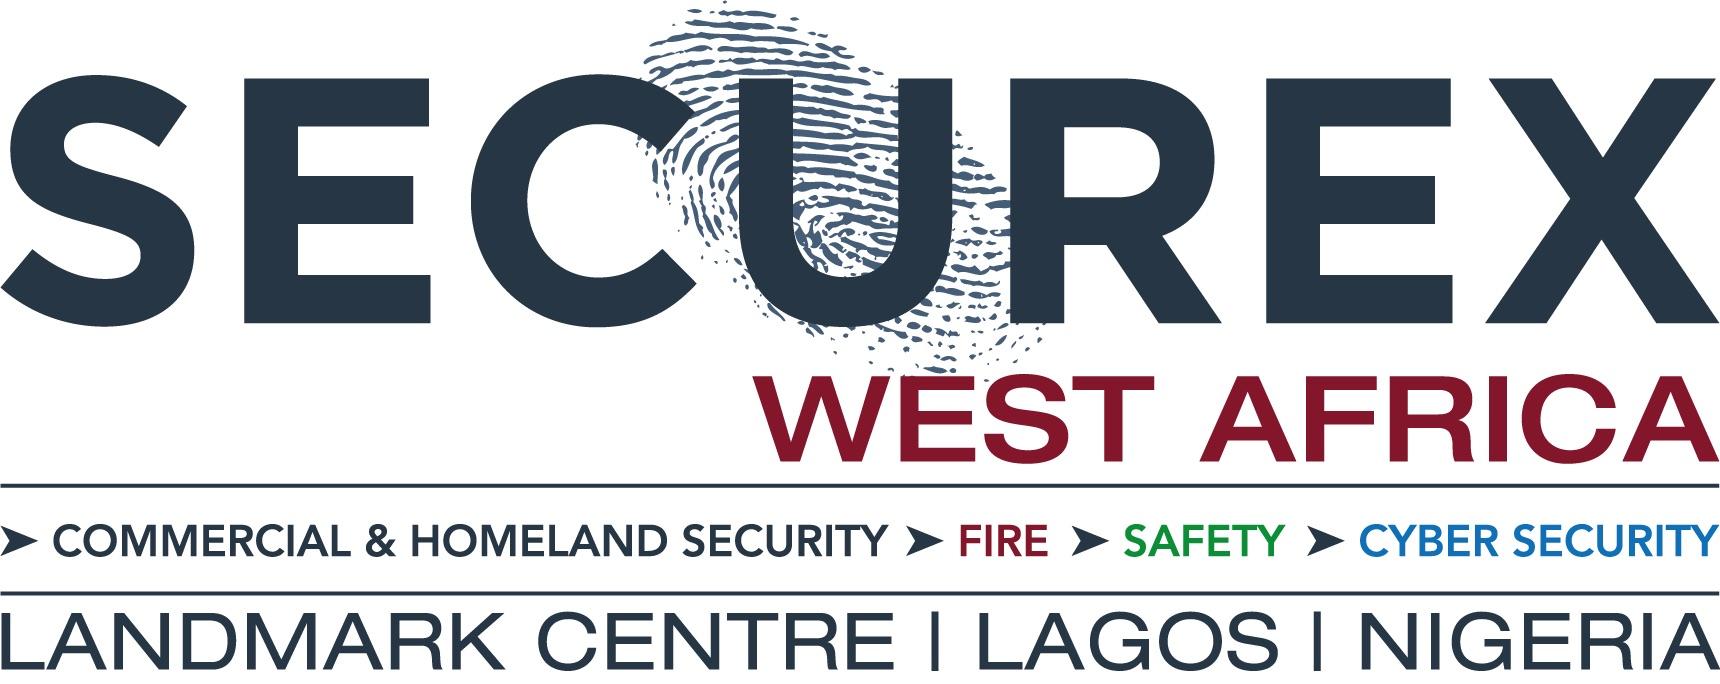 Securex West Africa